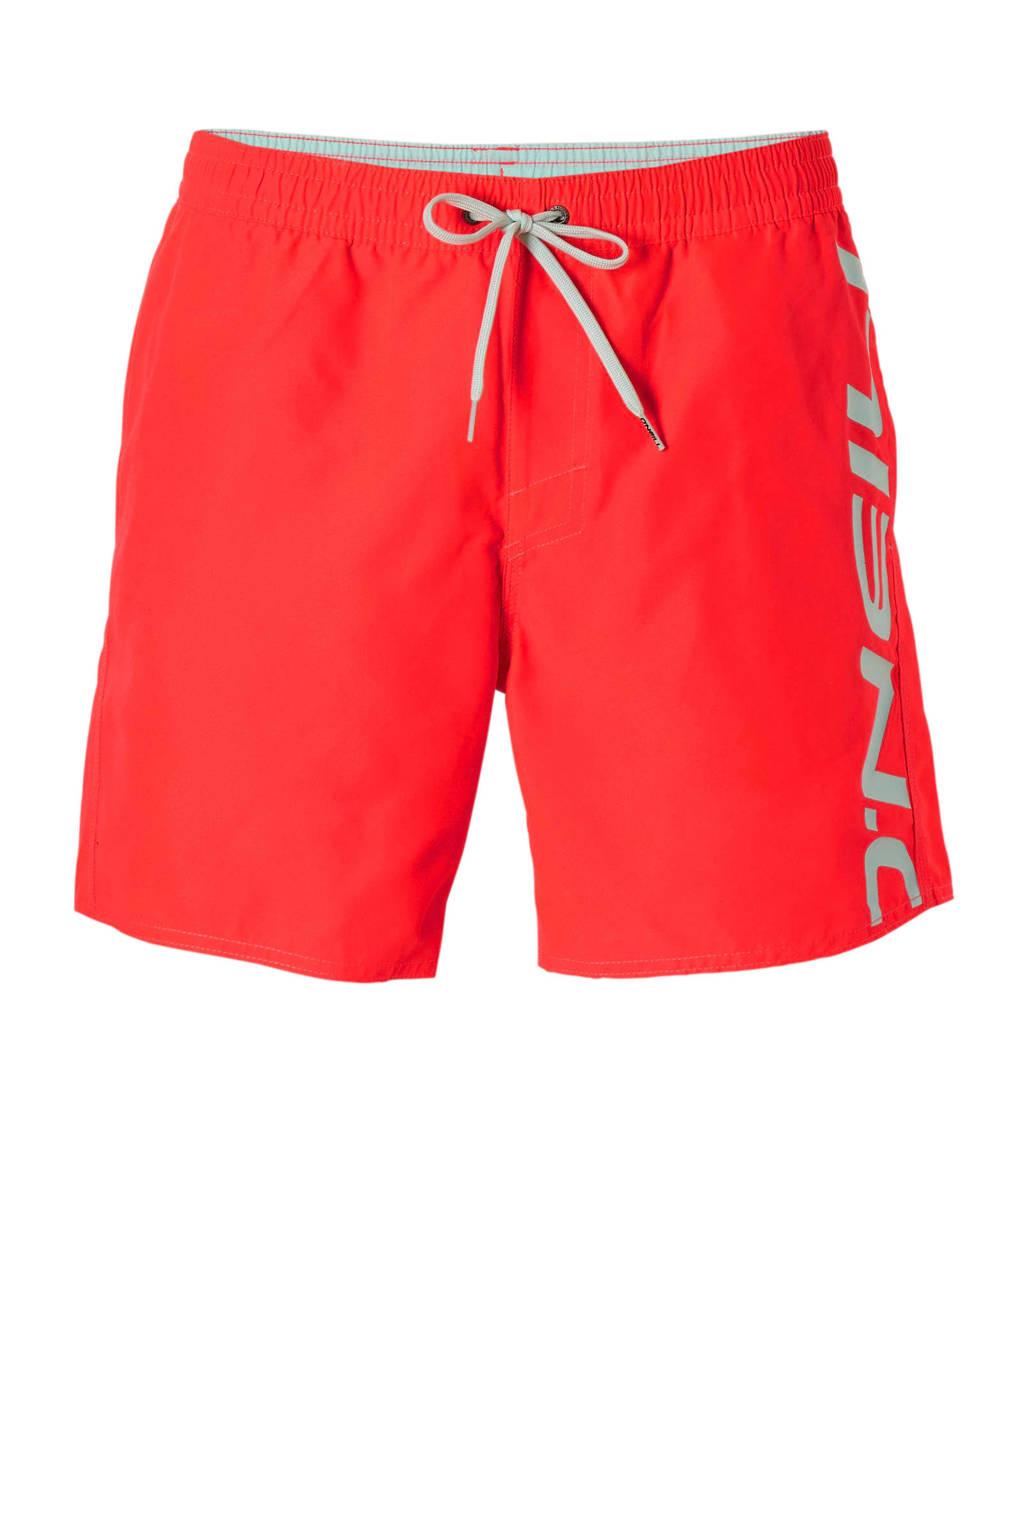 O'Neill zwemshort met merknaam rood, Rood/wit